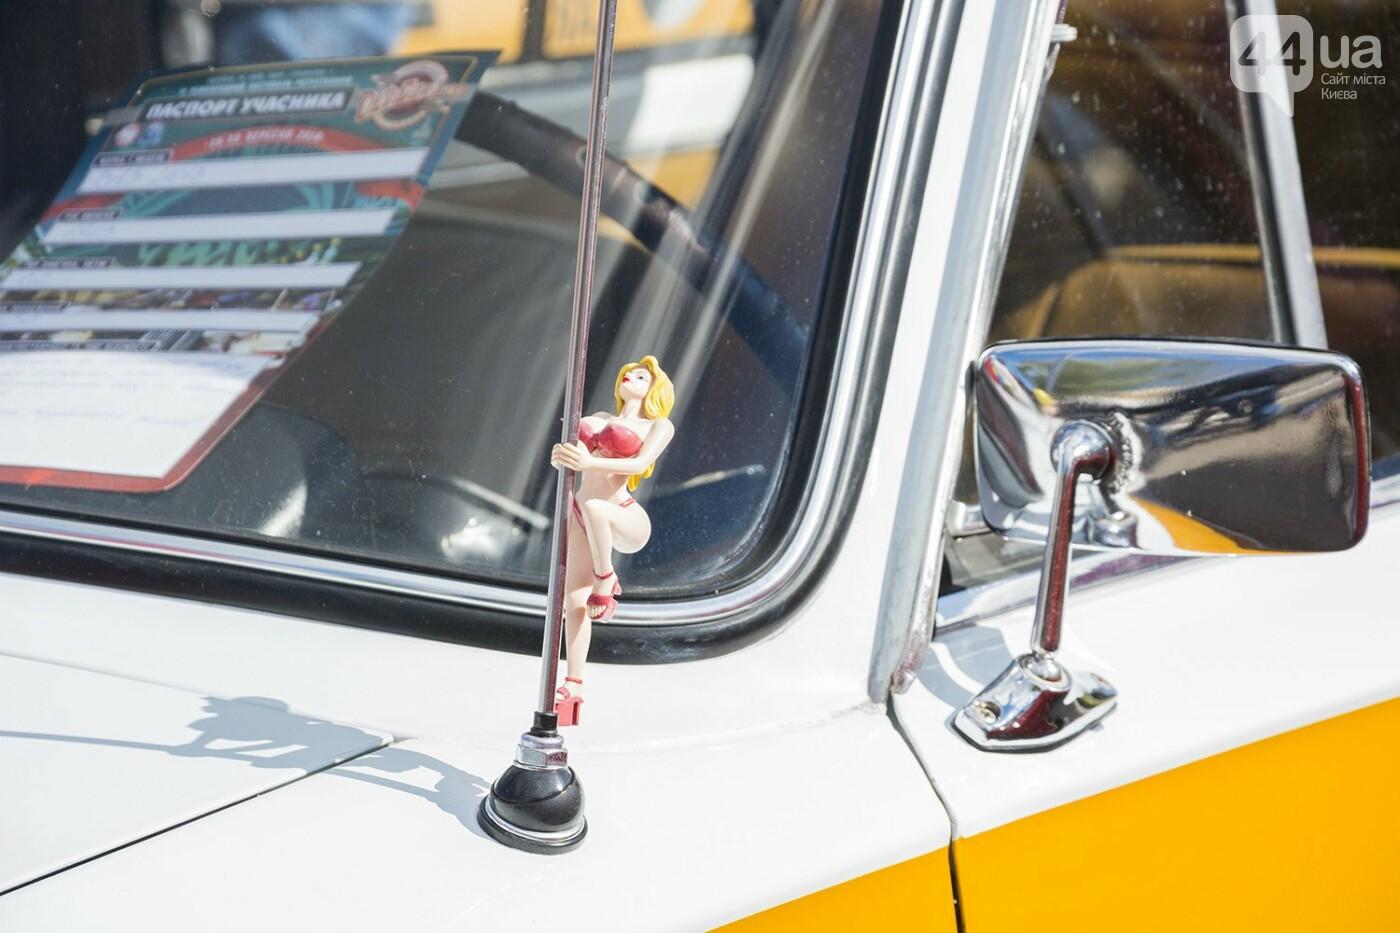 Old Car Land-2018: как прошел крупнейший автомобильный ретро-фестиваль Украины, - ФОТО, ВИДЕО, фото-12